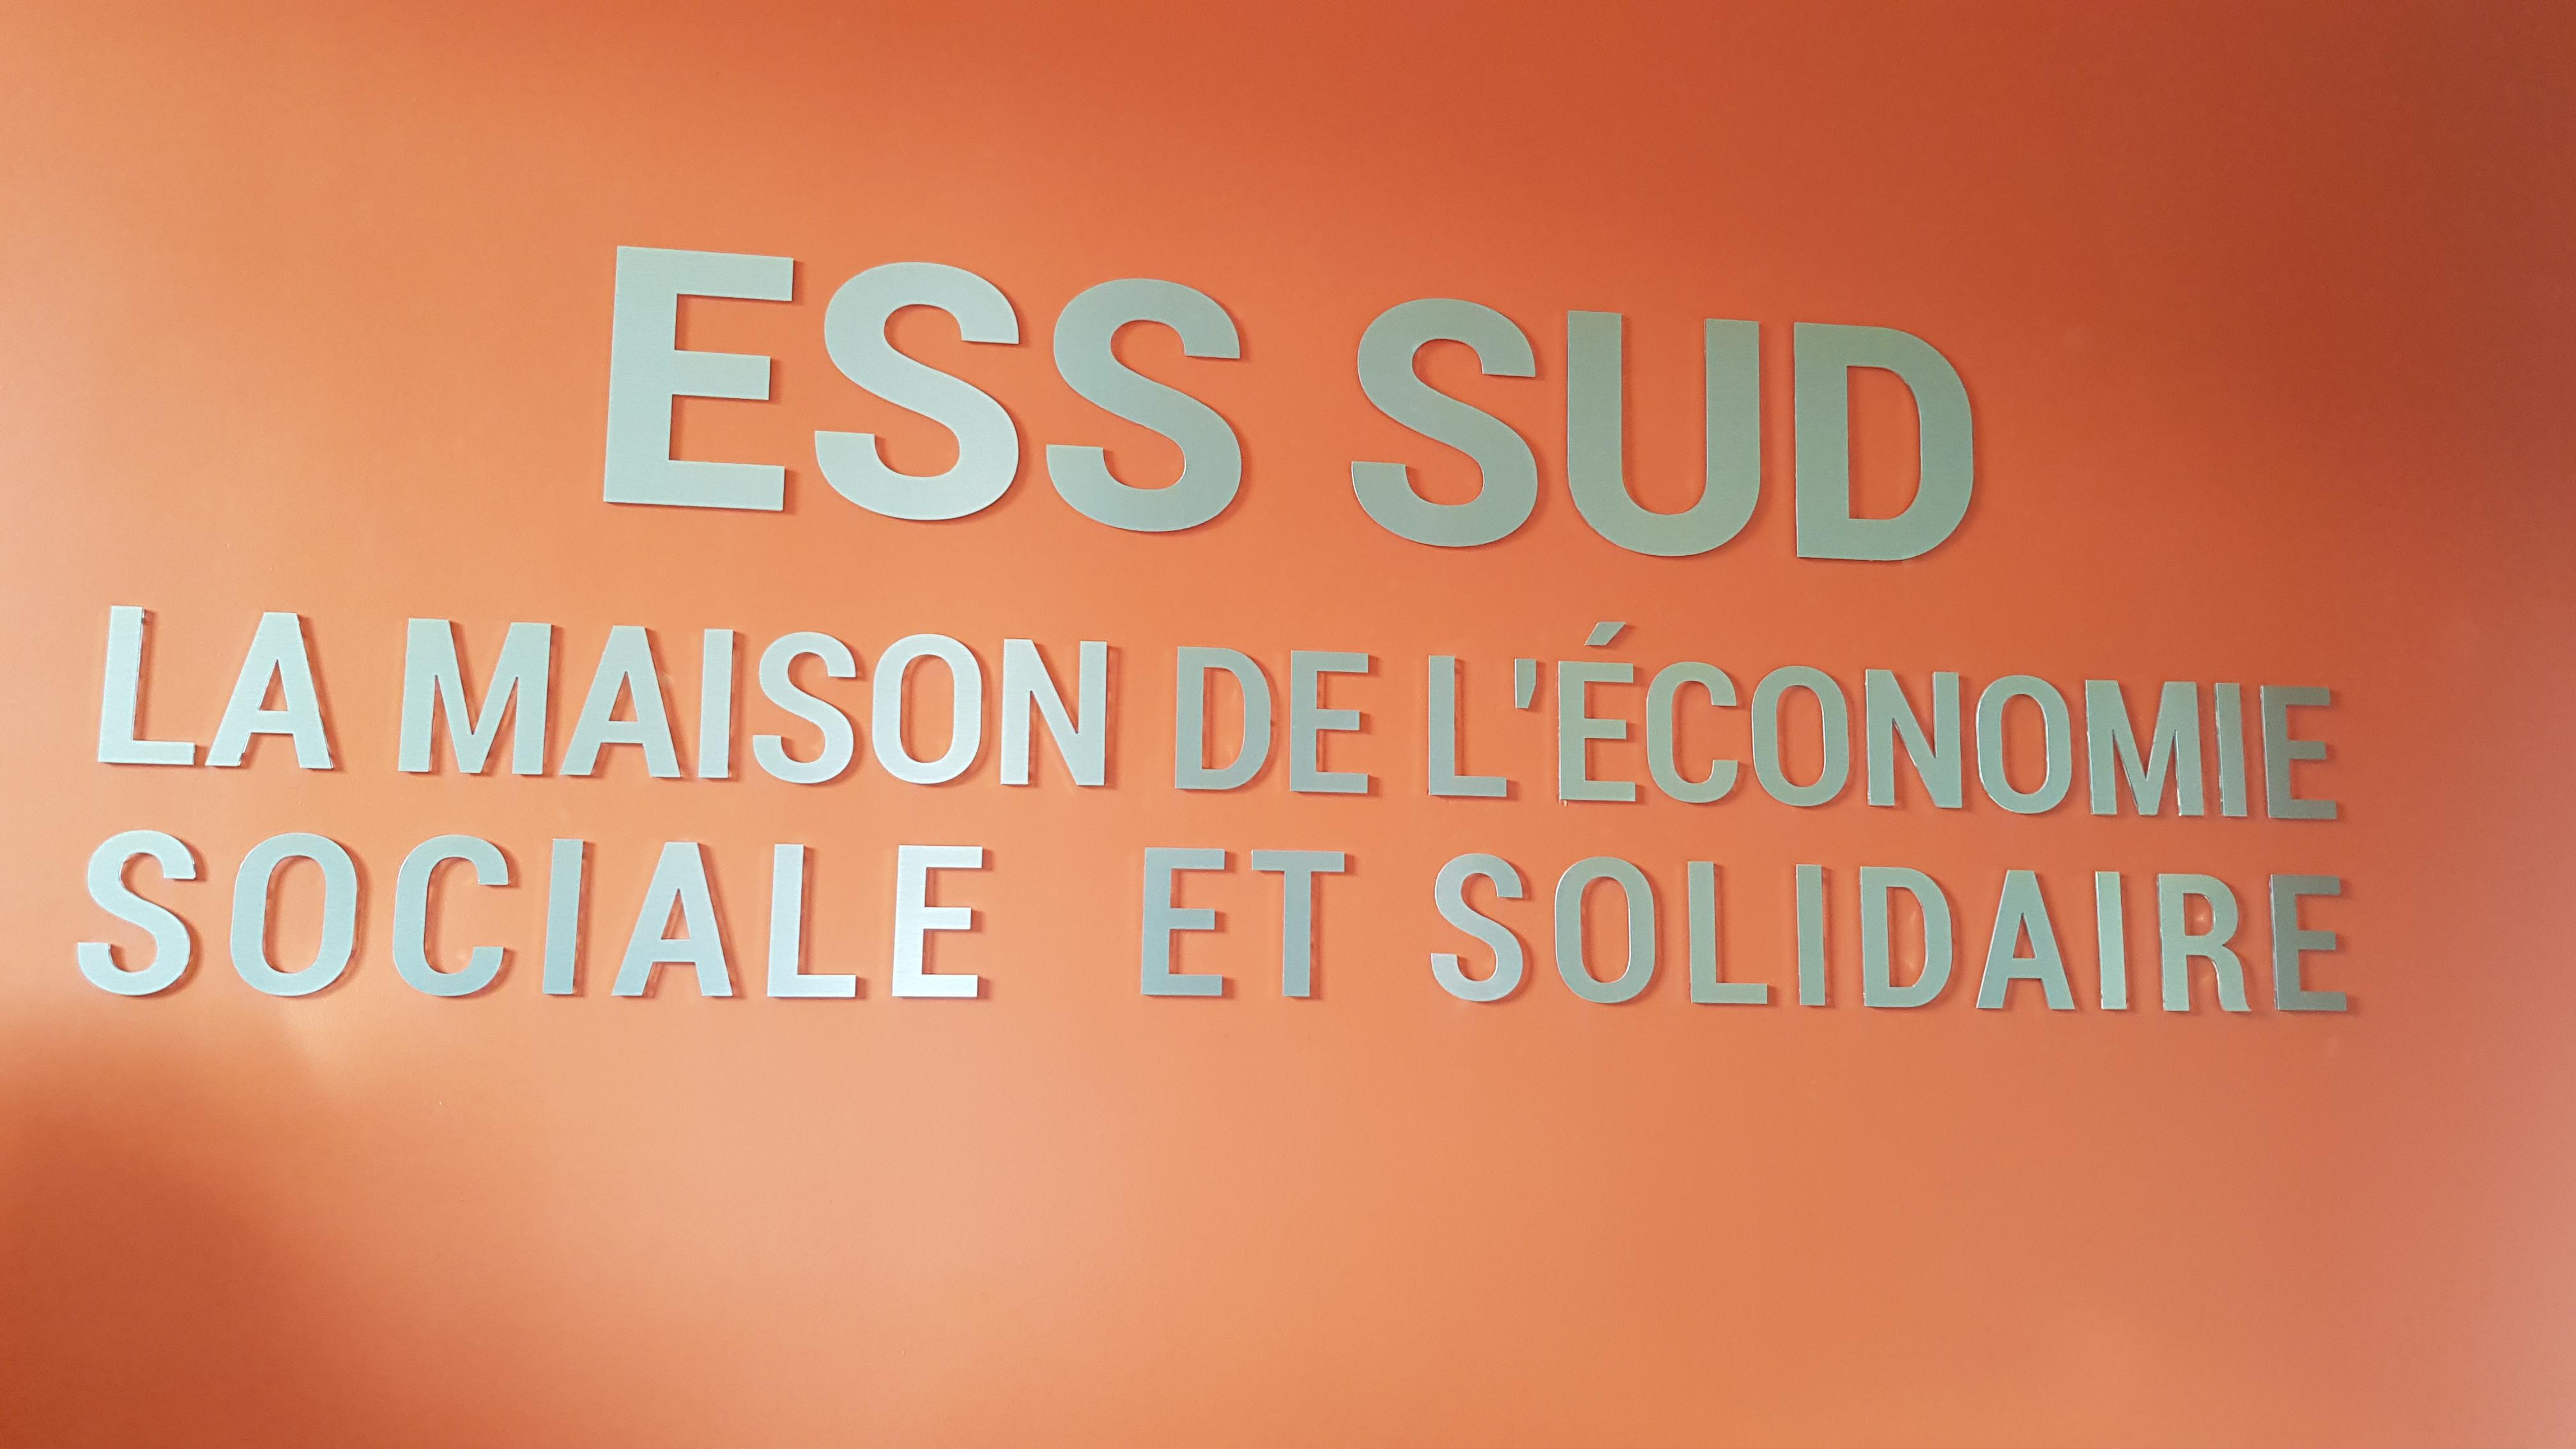 La Maison de l'Économie sociale et solidaire permettra de mutualiser les énergies du secteur (photo : F.Dubessy)